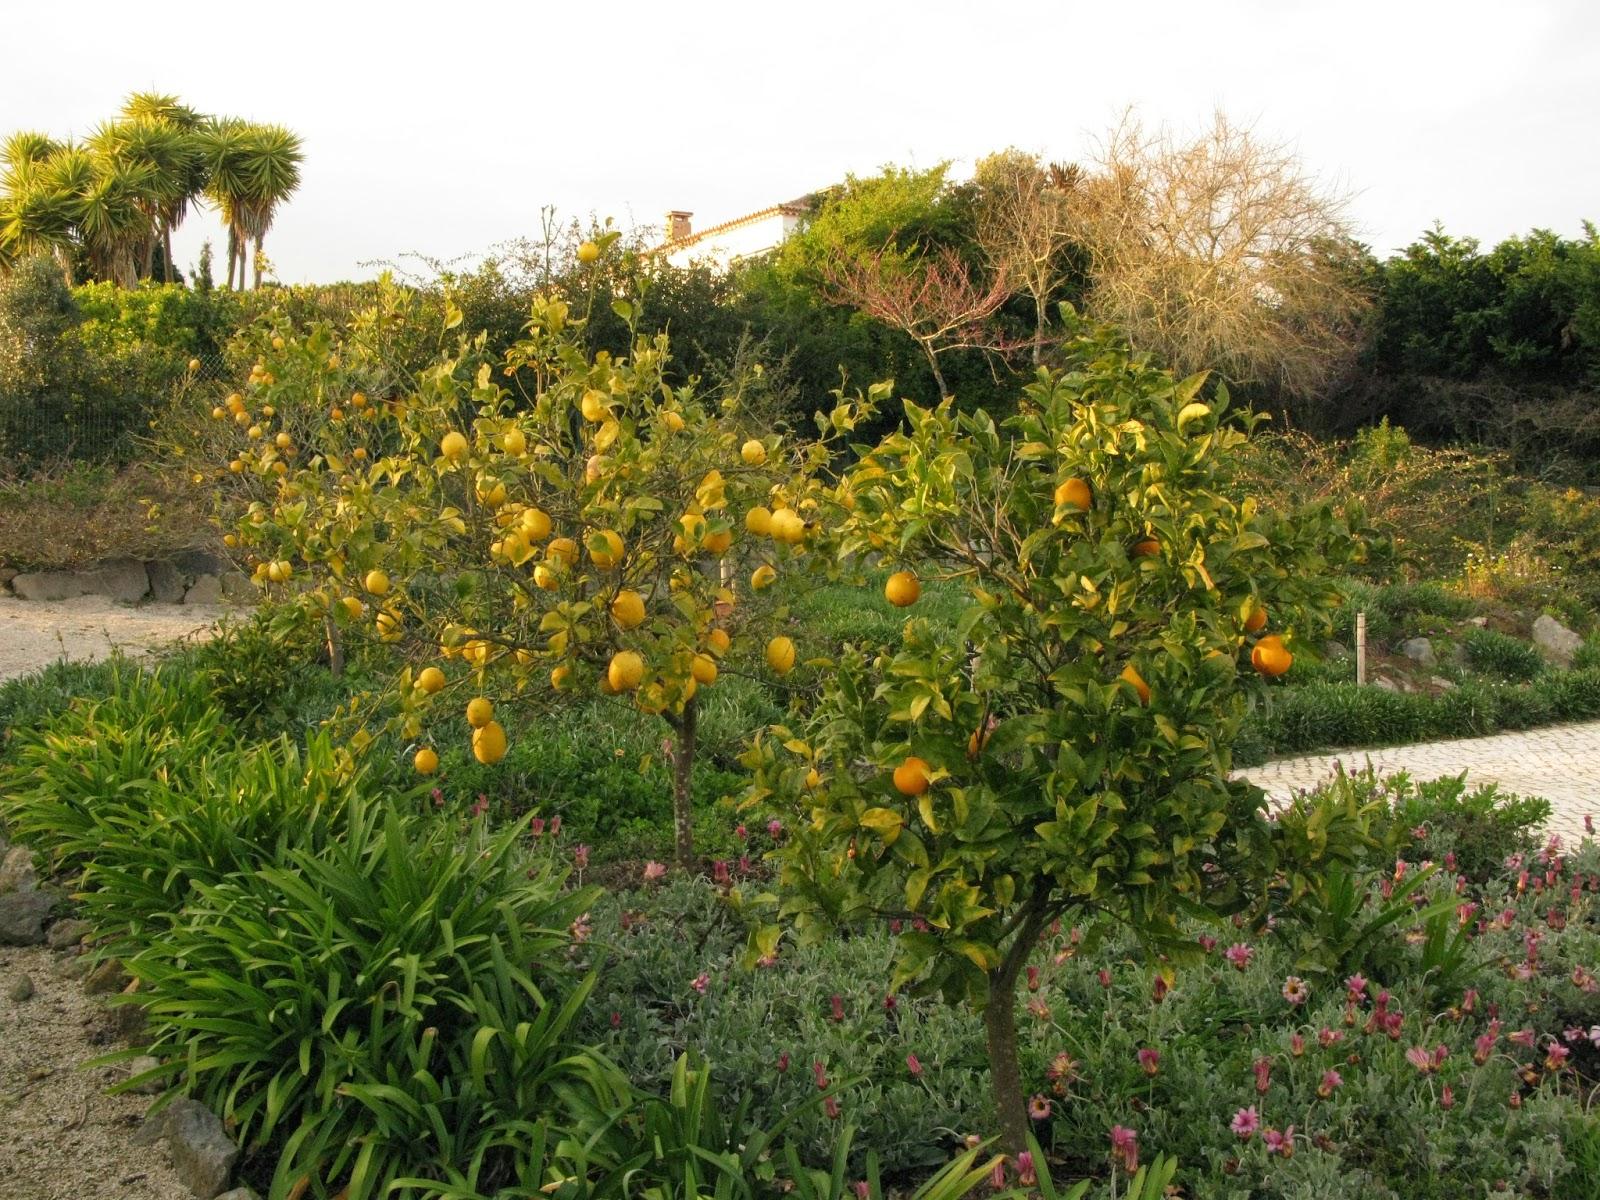 Au gr du march tartinade de thon la portugaise for Cuisine portugaise jardin